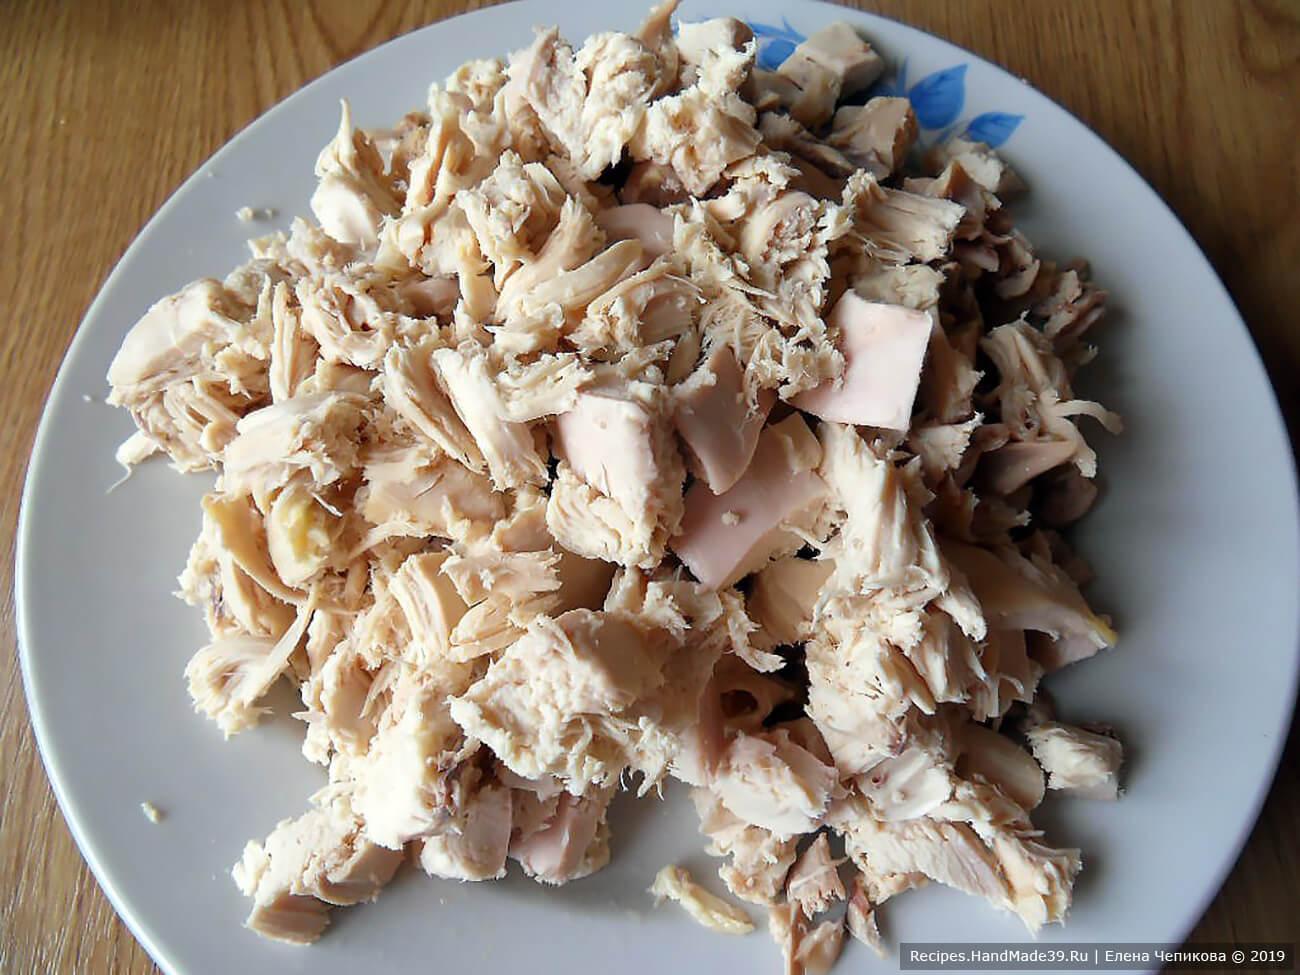 Курицу вынуть из бульона. Мясо отделить от костей, нарезать мелкими кубиками